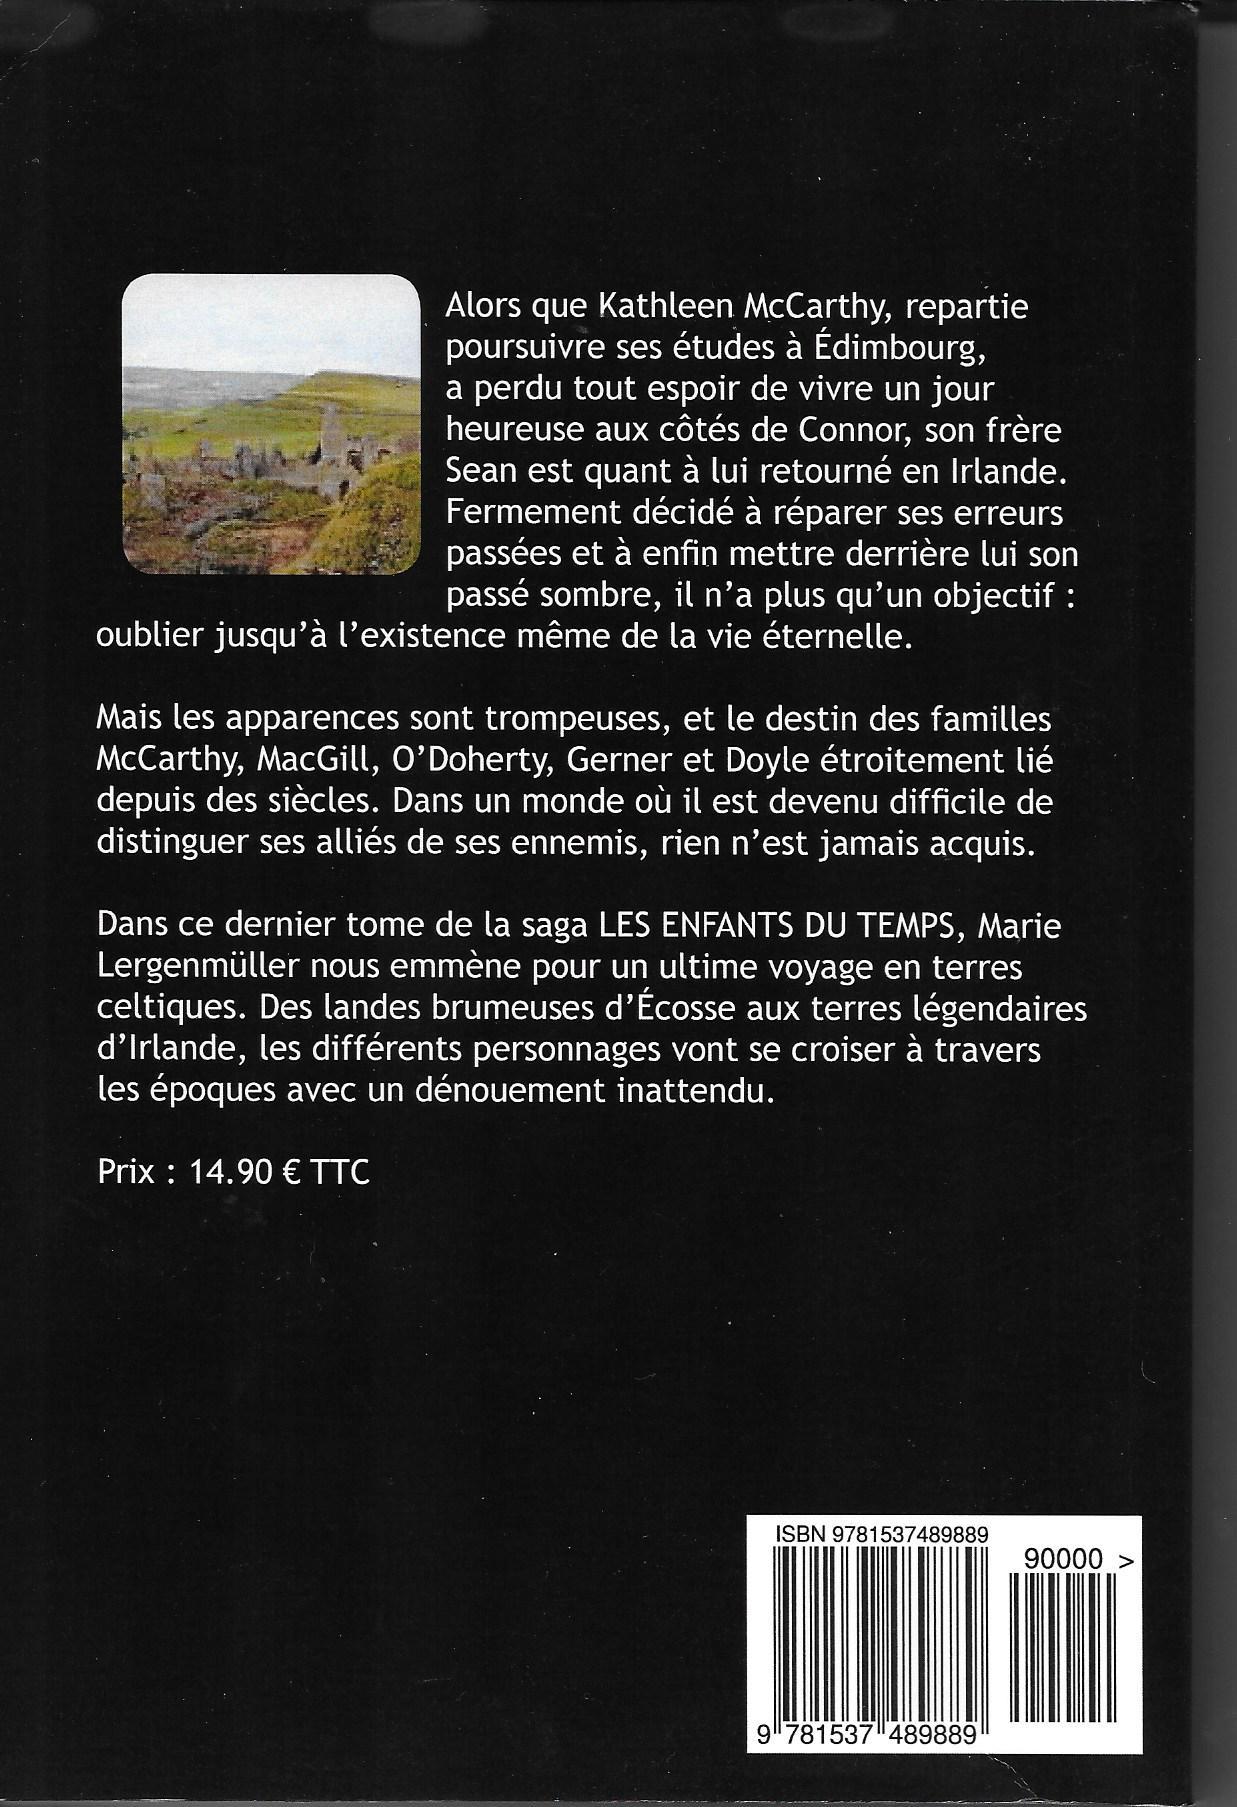 Les Enfants du Temps - Compromise (couverture verso)